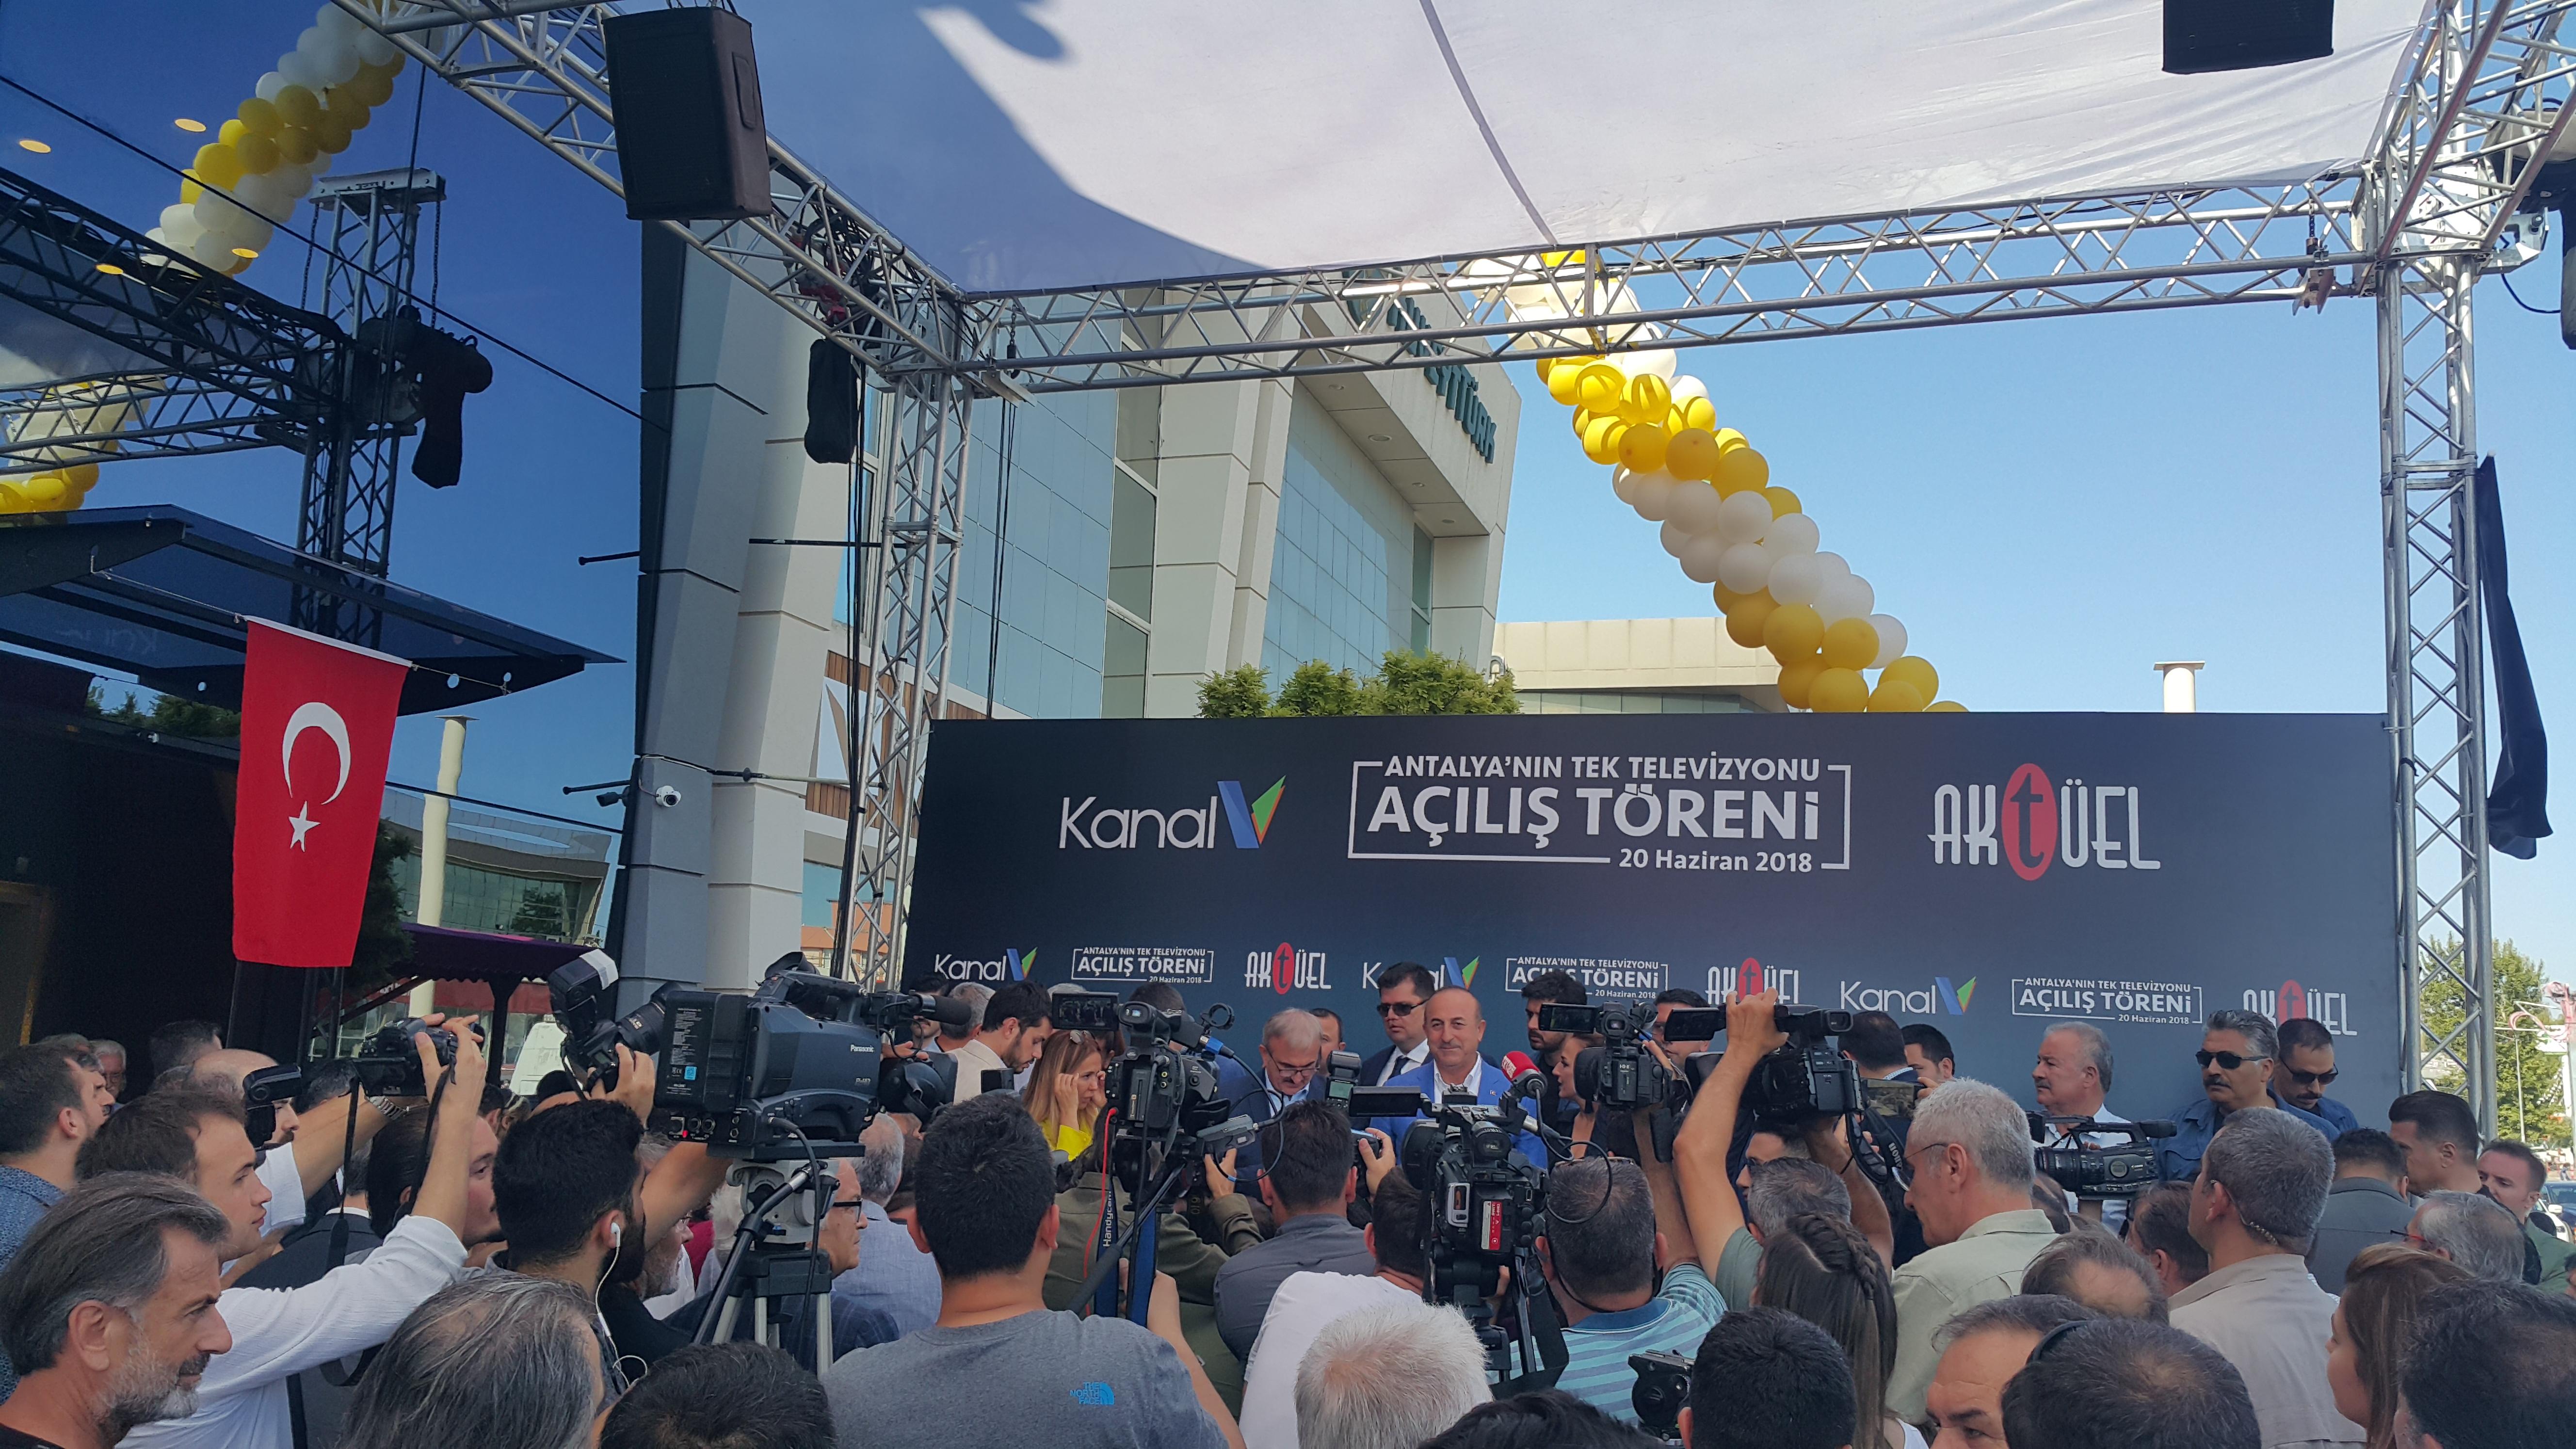 Antalya'nın tek TV kanalı açılış törenine katıldık